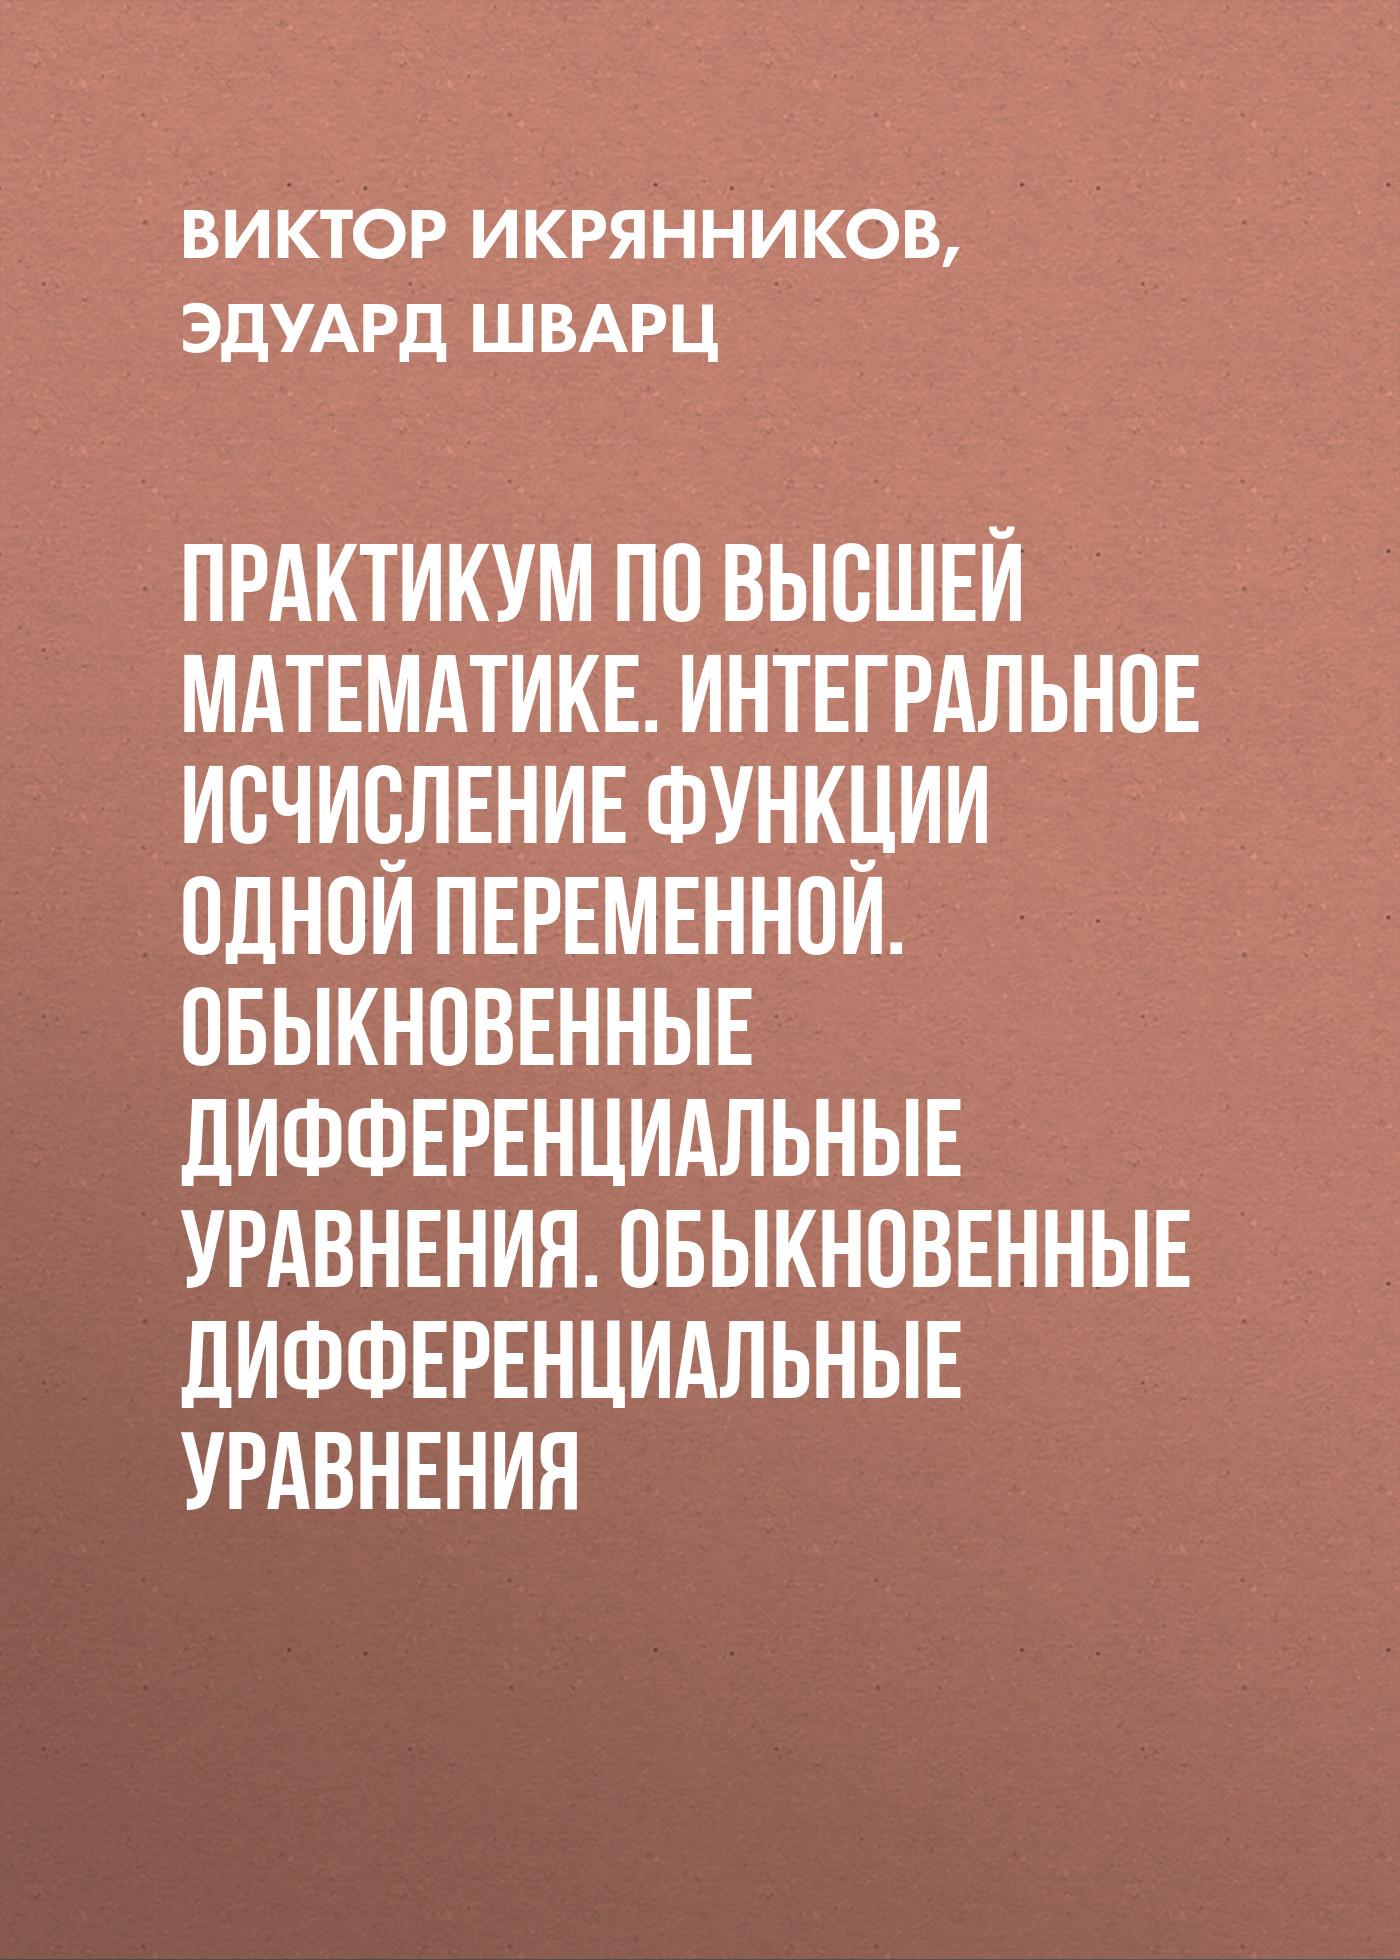 Виктор Икрянников Практикум по высшей математике. Интегральное исчисление функции одной переменной. Обыкновенные дифференциальные уравнения. Обыкновенные дифференциальные уравнения